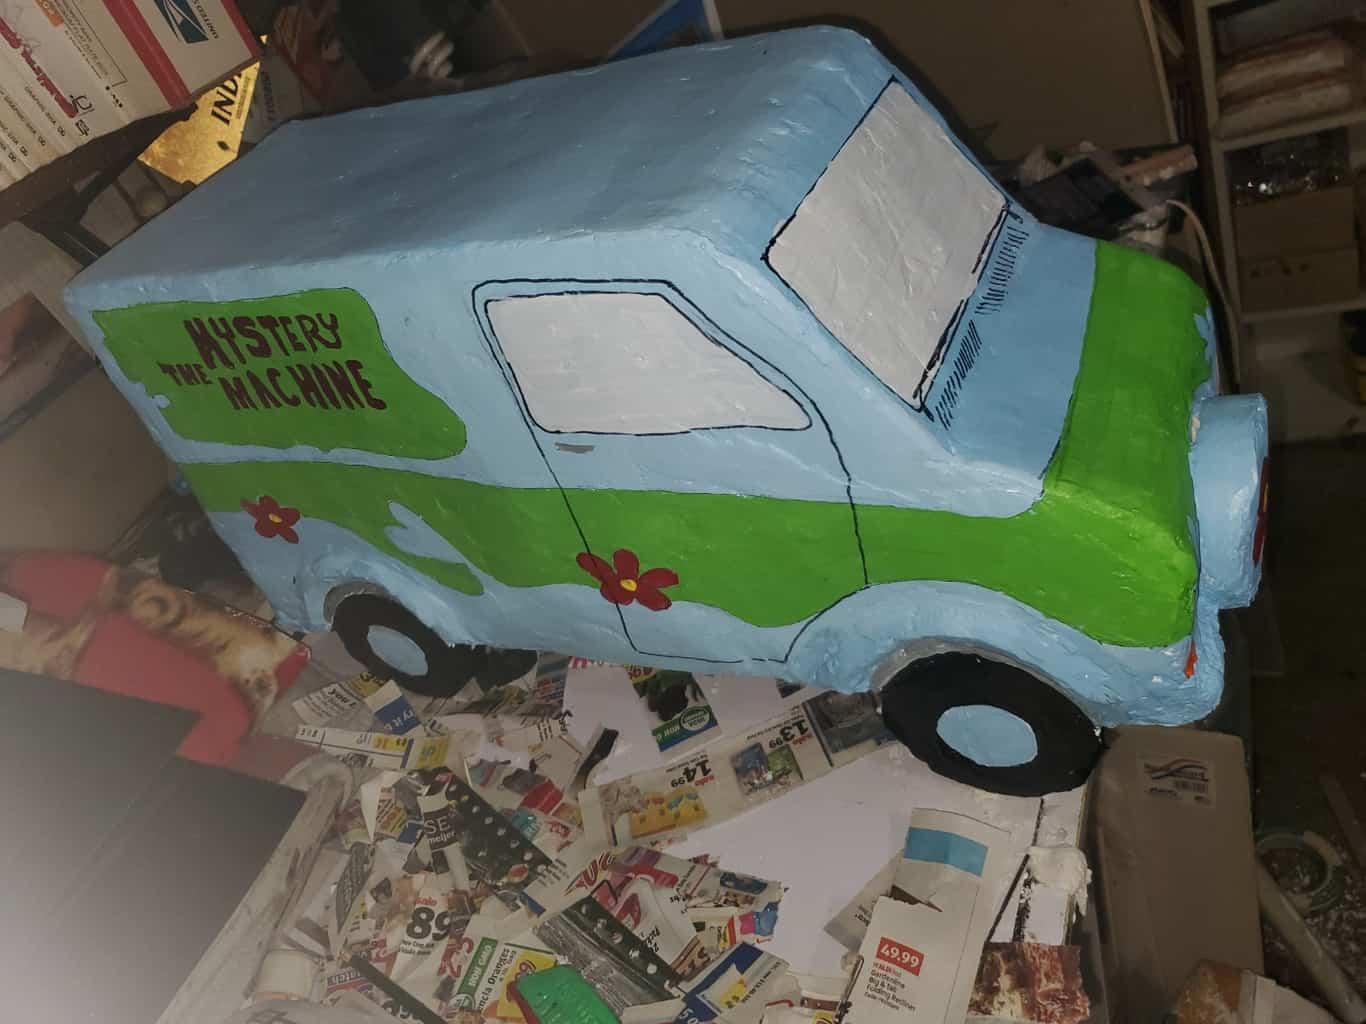 Paper mache delivery van